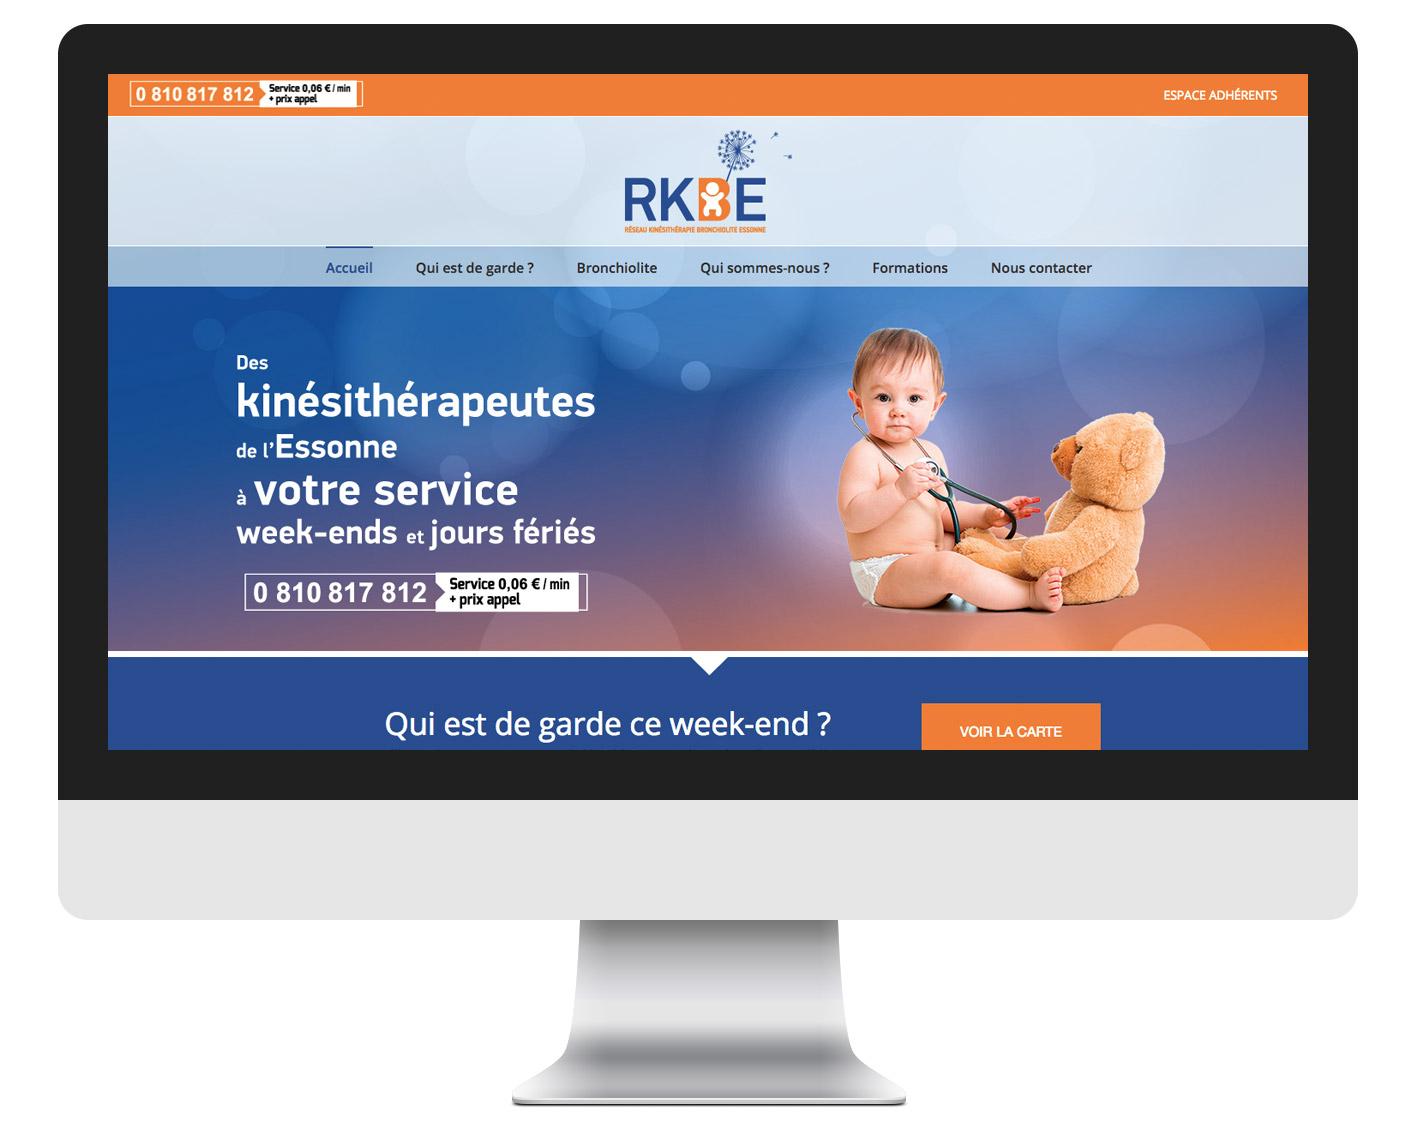 Des kinésithérapeutes de l'Essonne à votre service week-ends et jours fériés